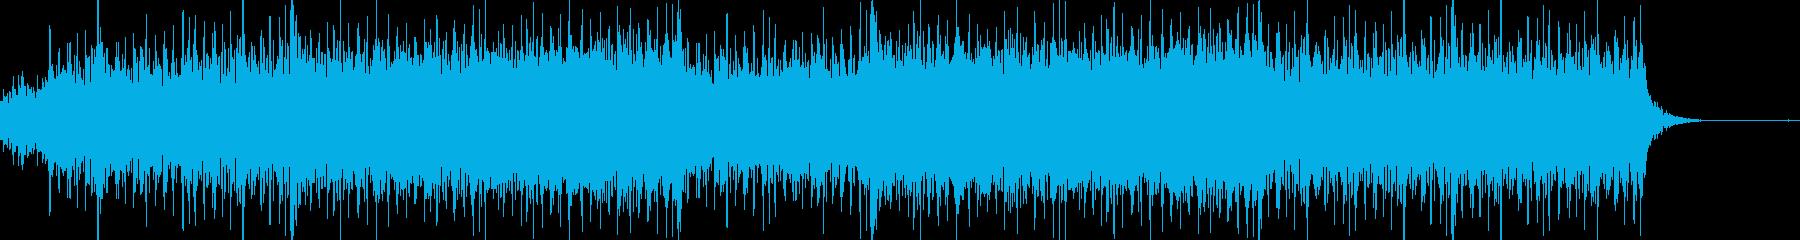 緊迫した戦闘シーン ピアノ・ドラム・弦の再生済みの波形